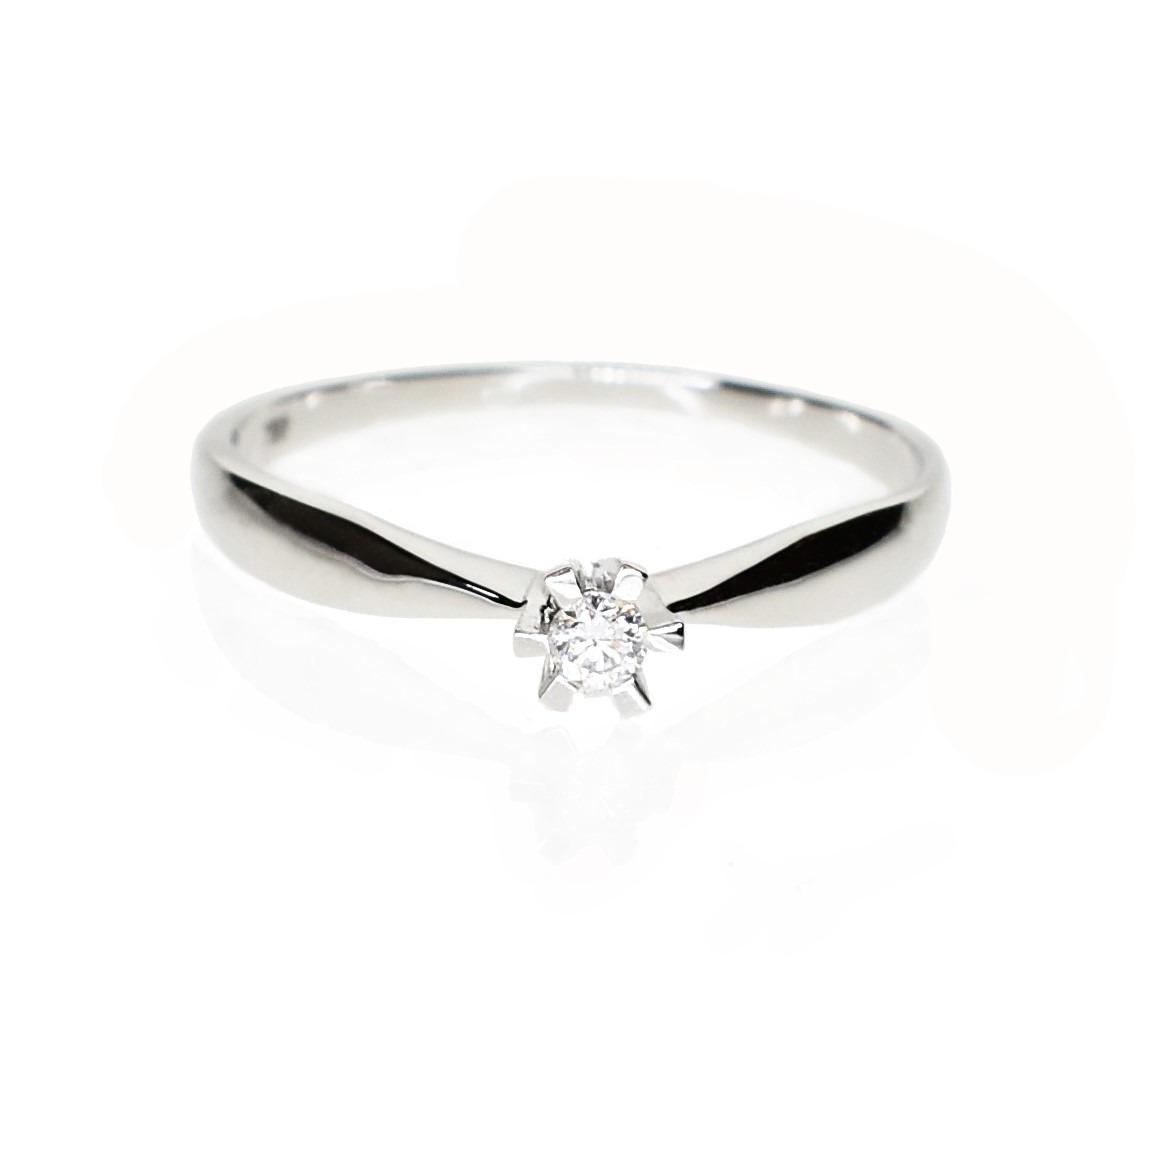 e4438e27aea5 Anillo Solitario Compromiso Diamante Oro Blanco 18 Kts. -   24.800 ...